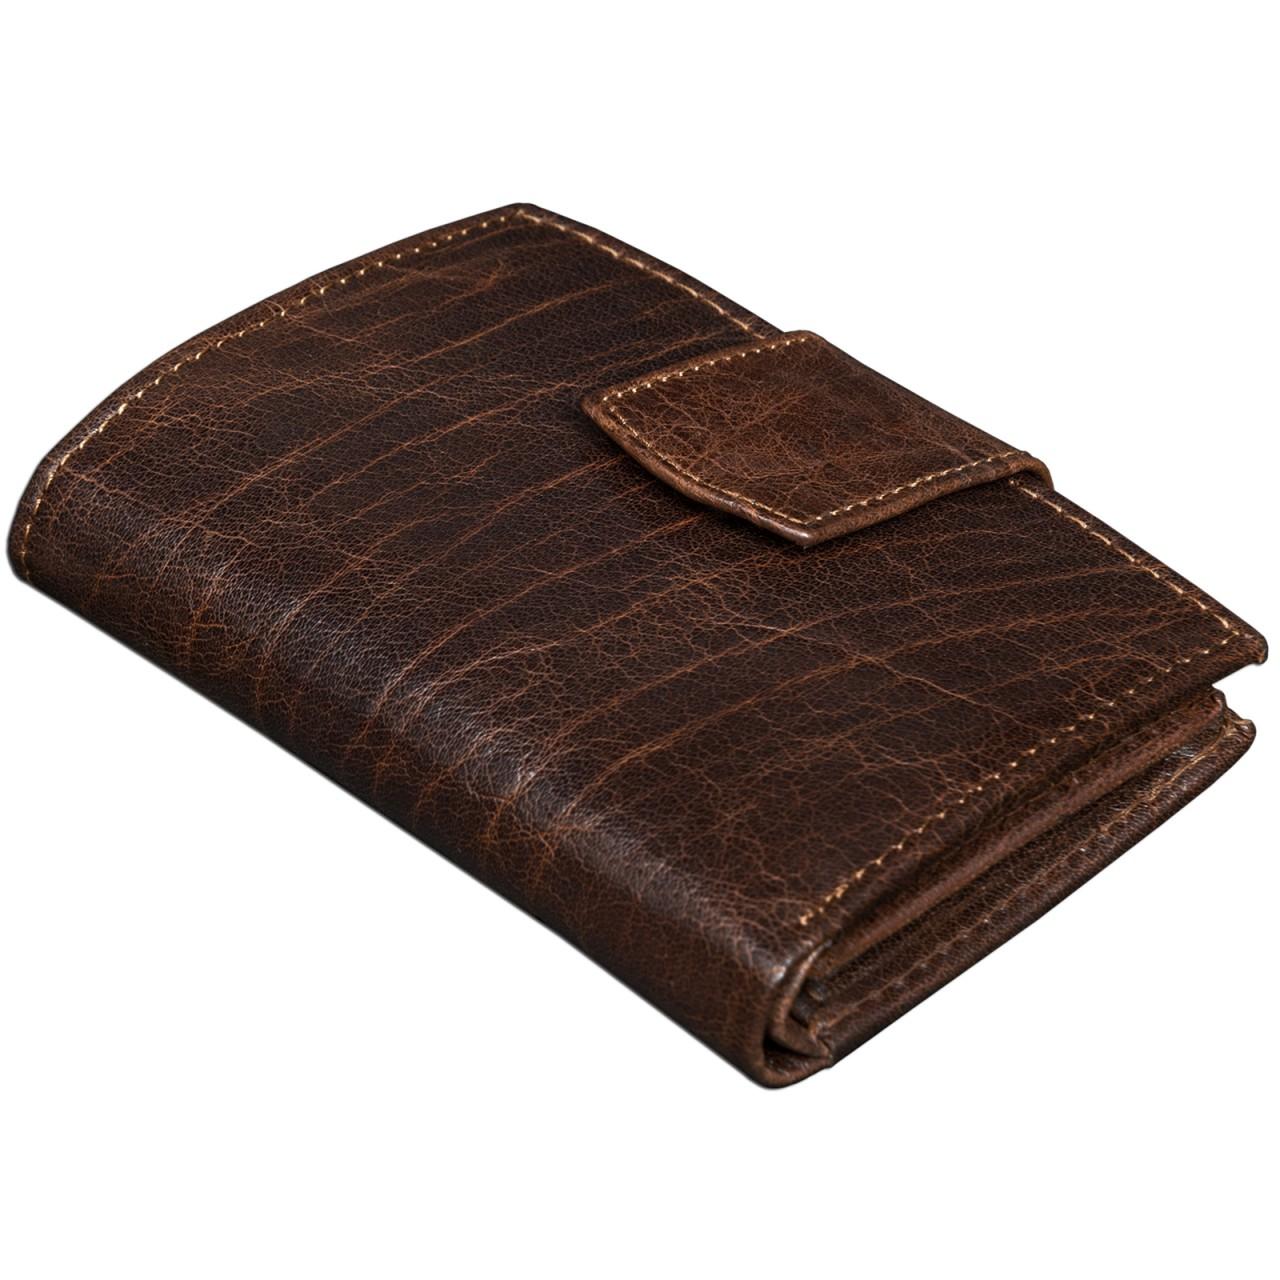 STILORD Vintage Leder Portemonnaie Damen Geldbörse Portmonee Brieftasche Geldbeutel EC-Fächer echtes Büffel-Leder dunkelbraun - Bild 1